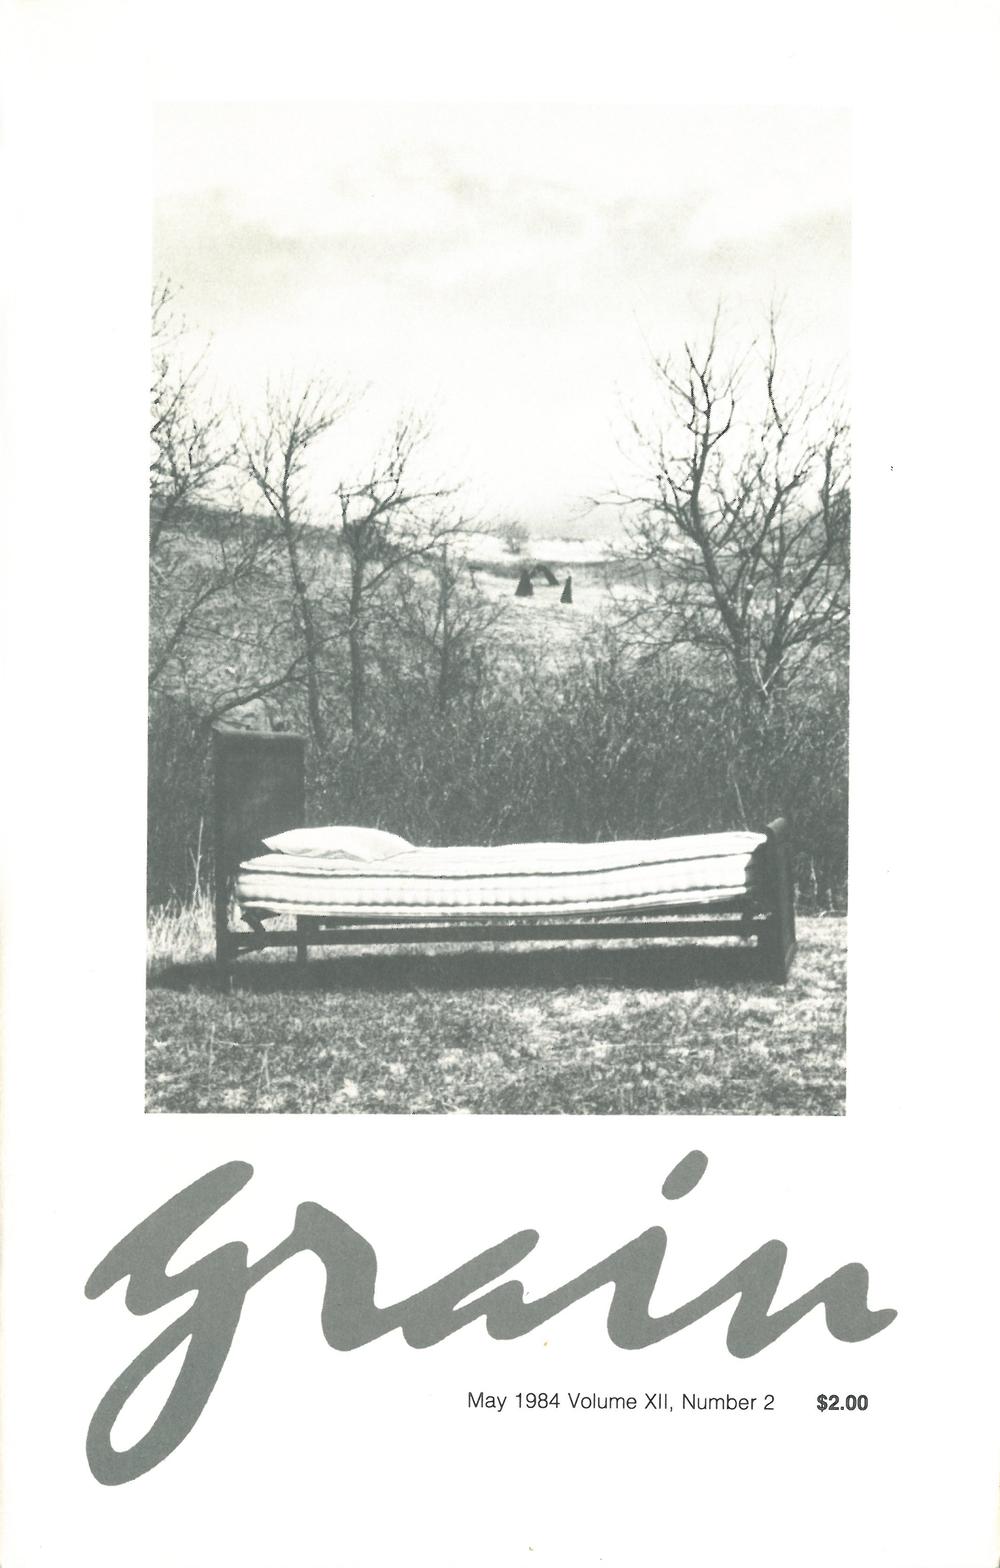 12.2 May 1984